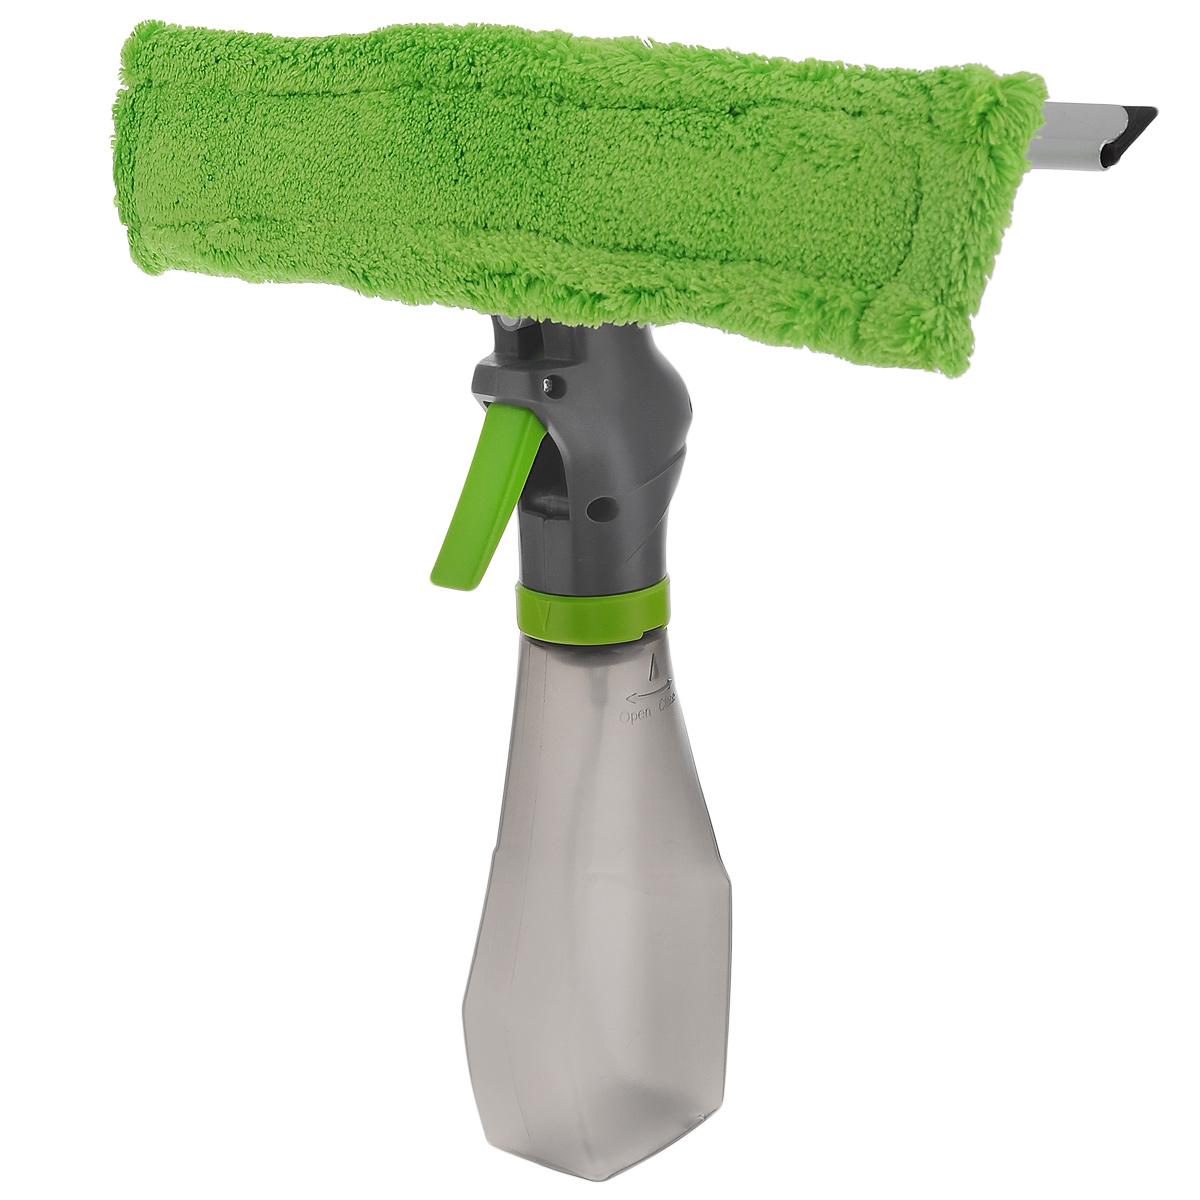 Стеклоочиститель Flatel, с распылителем и насадкой из микрофибры32110742Стеклоочиститель Flatel, с распылителем и насадкой из микрофибры состоит из 3 частей: водосгона, насадки из микрофибры, емкости для жидкости. Прекрасно подойдет для влажной и сухой уборки - моет и полирует без разводов. Насадка из микрофибры чистит сильные загрязнения даже без моющих средств, а водосгон хорошо удаляет воду и пар. Стеклоочиститель подходит для домашнего использования, например, для мытья стекол, зеркал, душевых кабин, керамической плитки и уборки автомобиля. Насадка из микрофибры крепится на крепких липучках. Ее можно стирать в стиральной машине при температуре 60°C или вручную. Стеклоочиститель оснащен удобной емкостью, которая позволяет дозировать нужное количество воды или моющего средства. Длина водосгона: 25 см. Длина насадки из микрофибры: 26 см. Объем емкости: 250 мл.